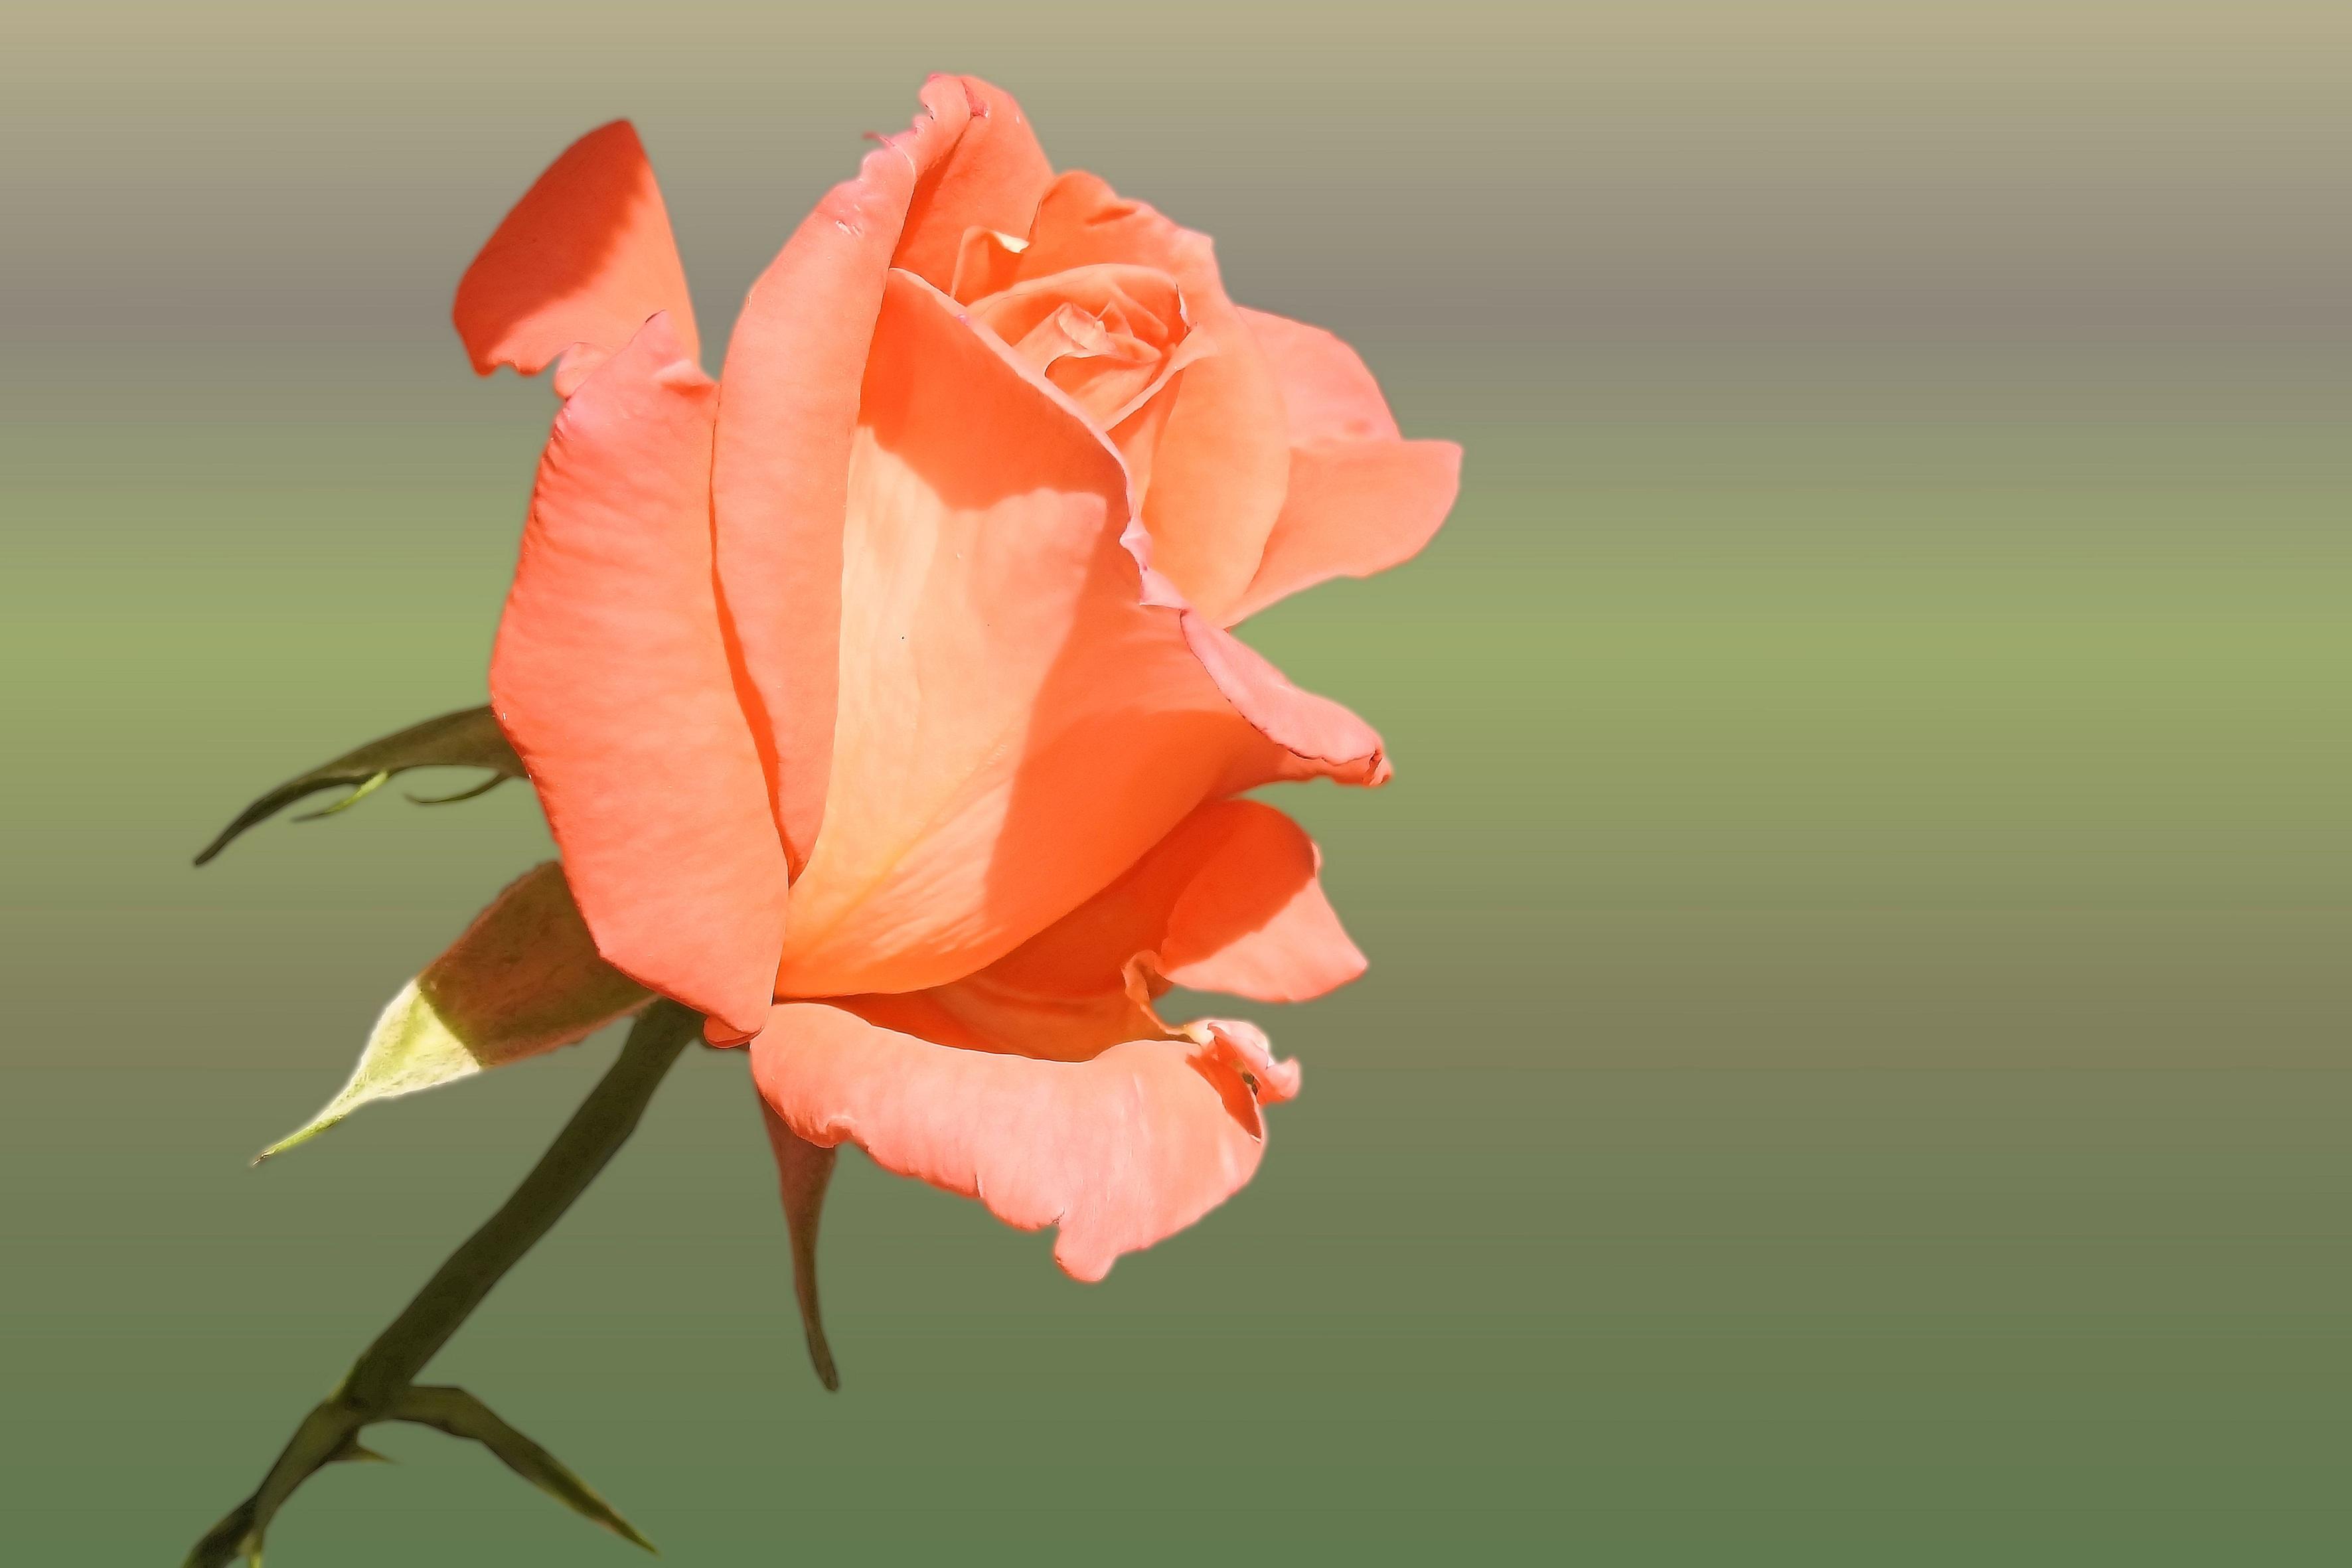 Fotos gratis : flor, hoja, pétalo, florecer, Rosa, naranja, flora ...